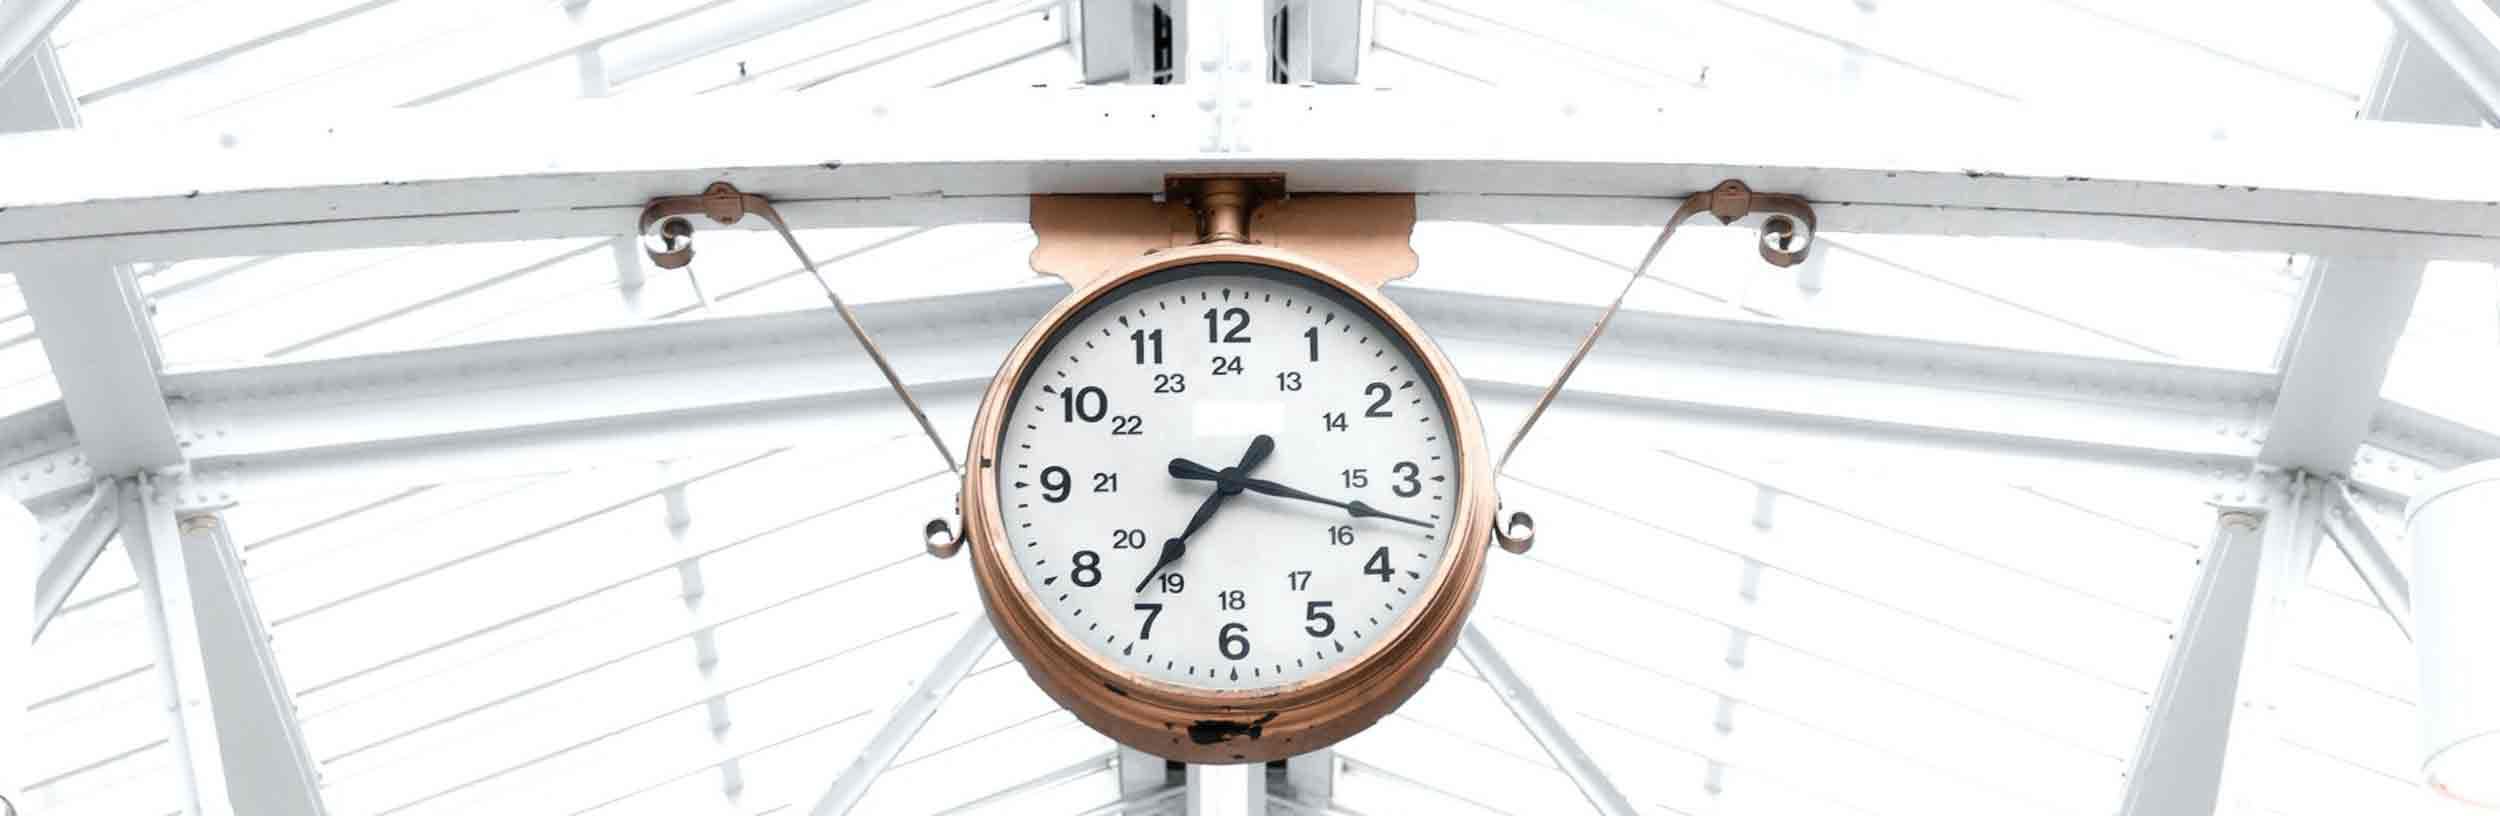 Eine Uhr in der Textagentur zeigt keinen Text oder Werbetext an. Stattdessen schwebt die Uhr fast an der Decke.